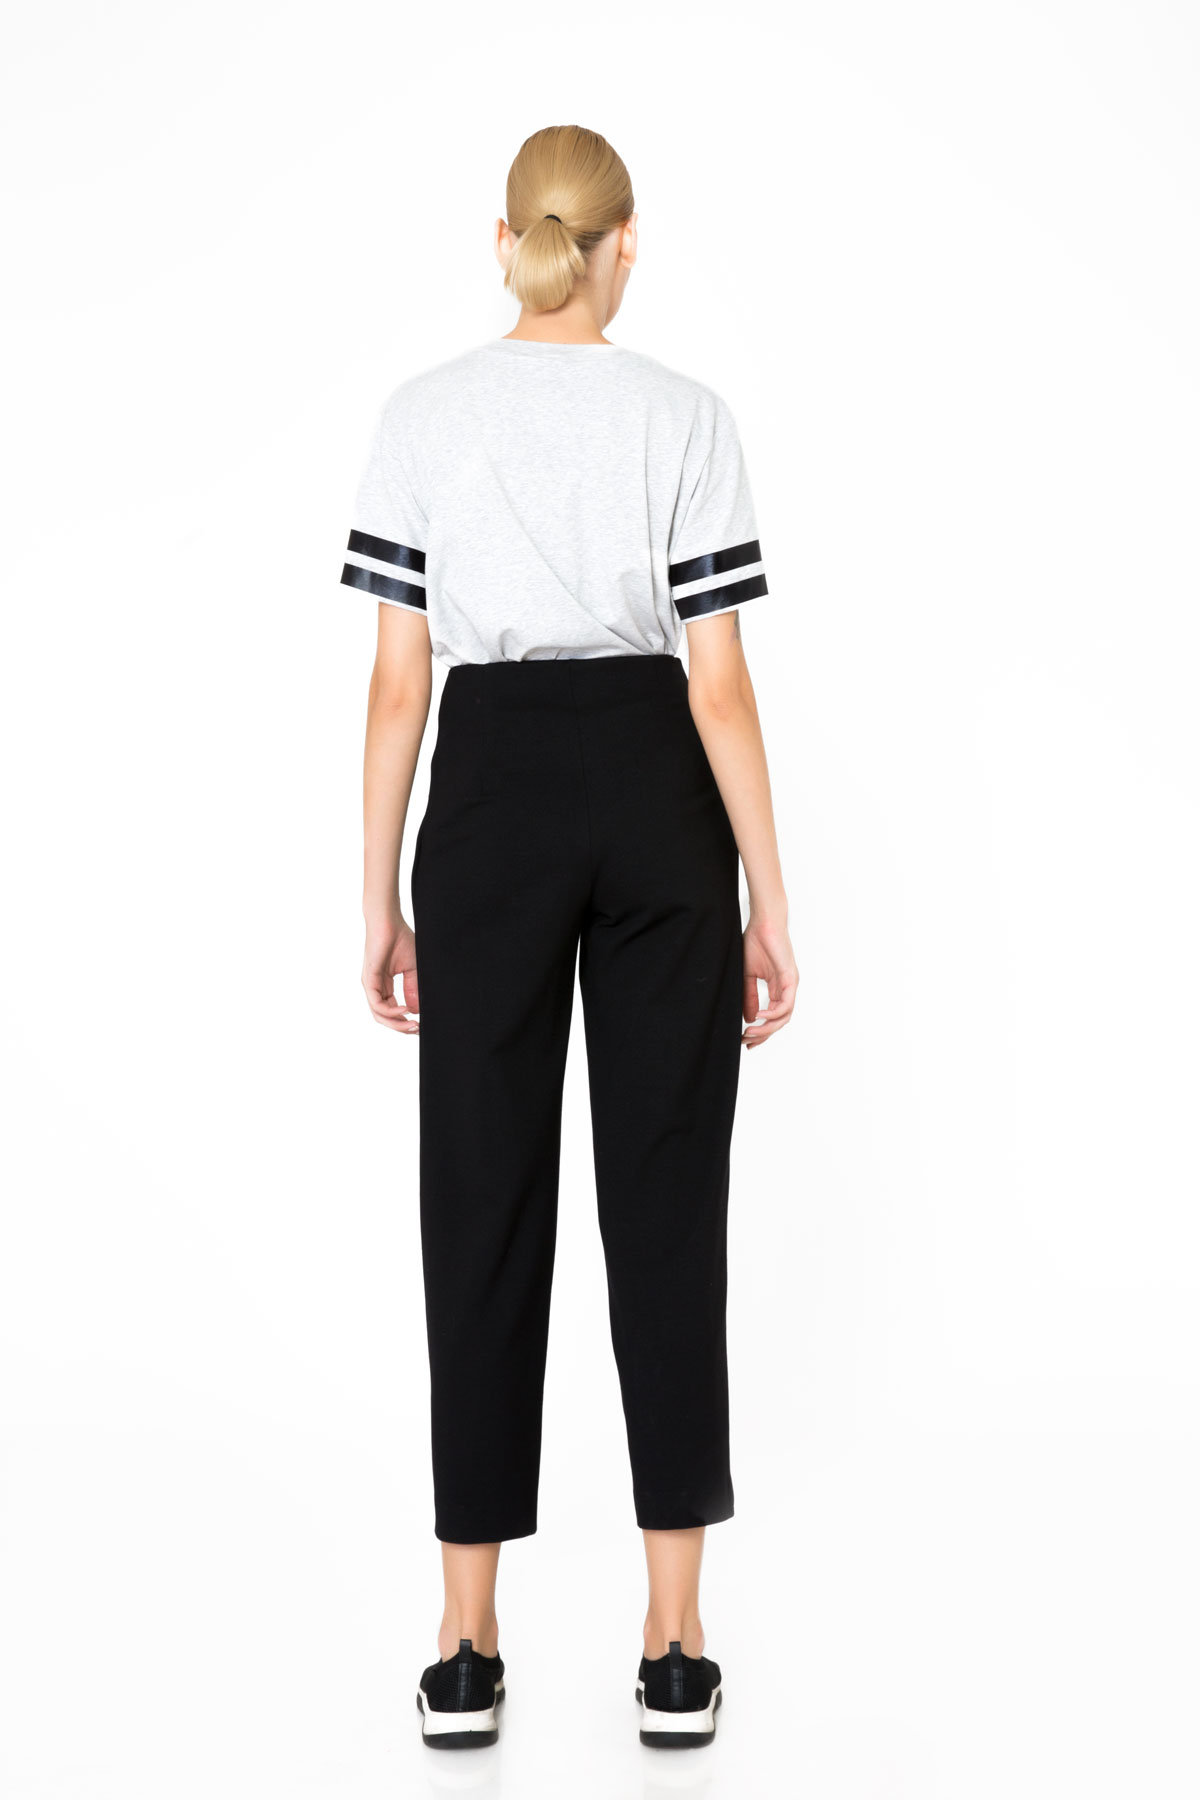 Cep İşleme Detaylı Crop Siyah Spor Pantolon